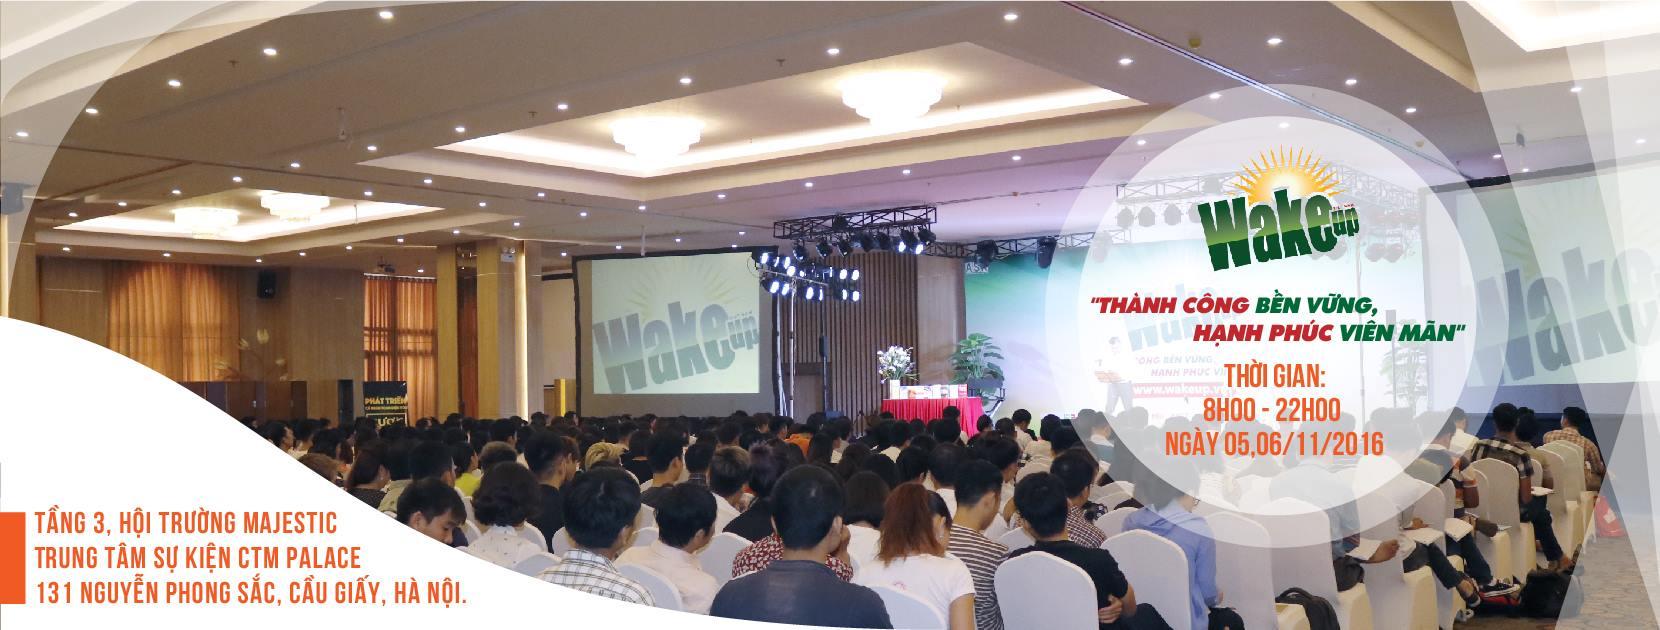 Thông báo địa điểm tổ chức khóa học WAKE UP 19 tại Hà Nội